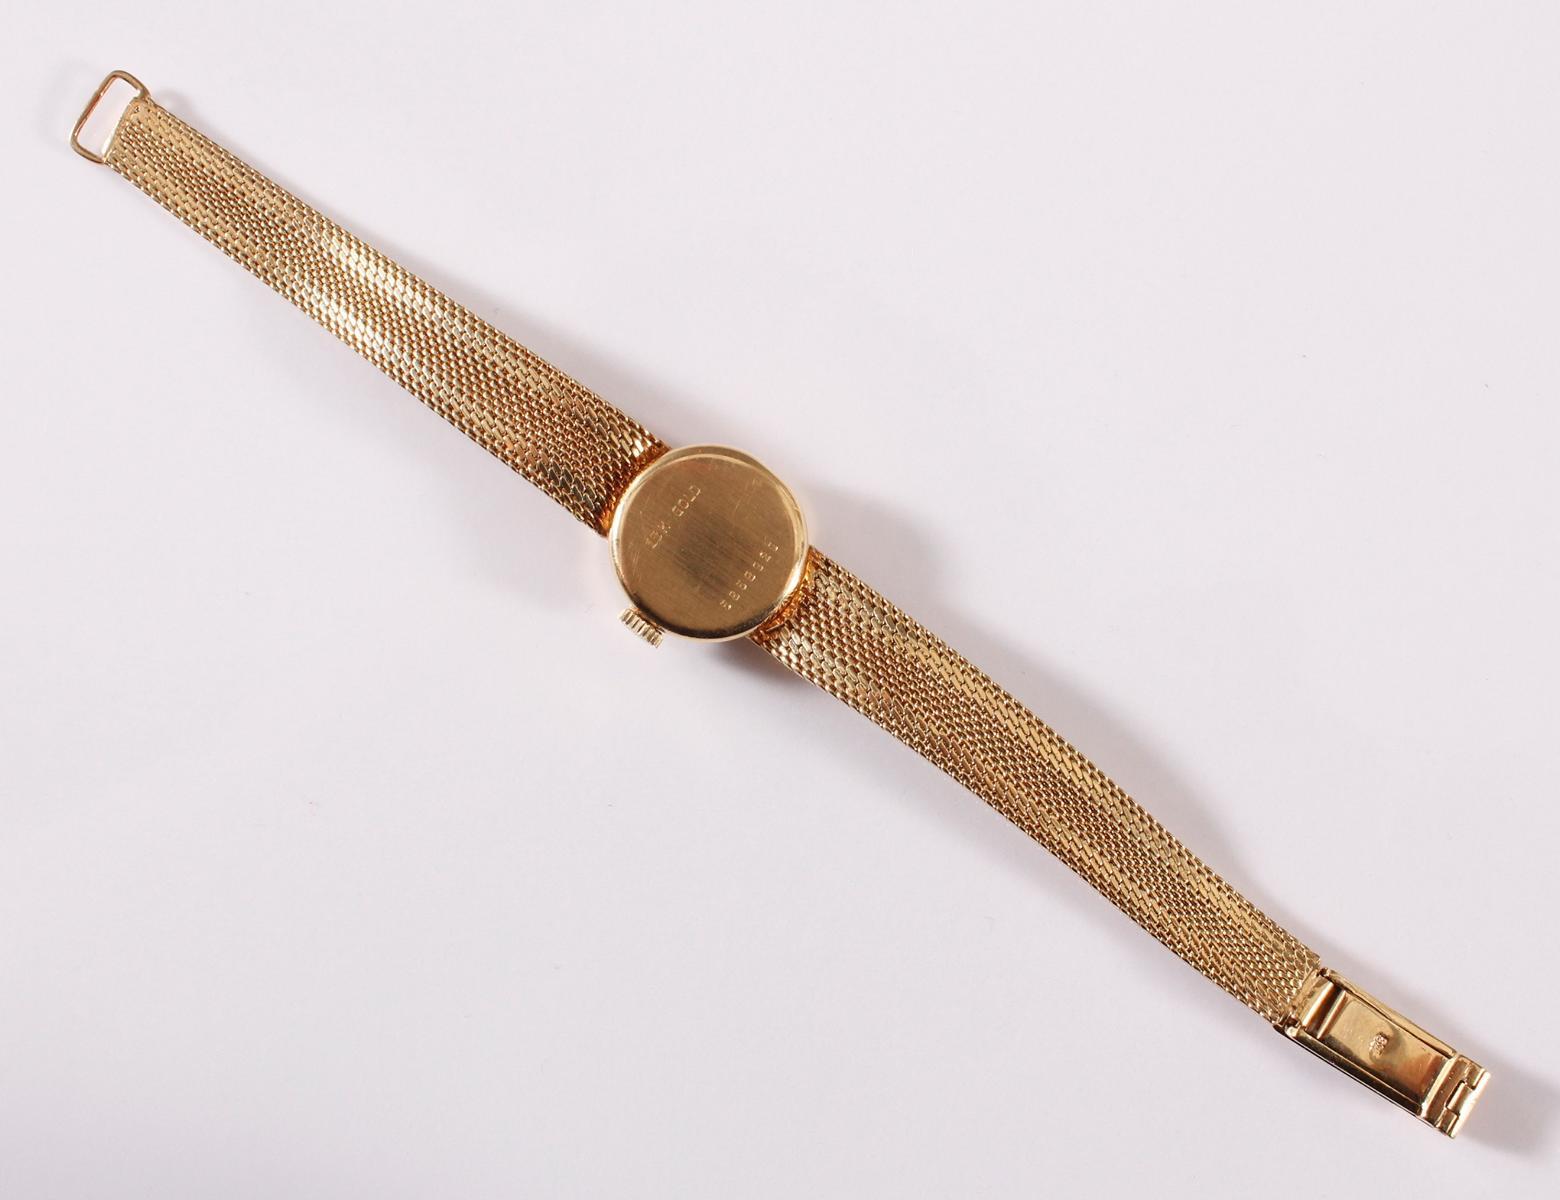 Recta Damenuhr aus 14 kt Gelbgold-4